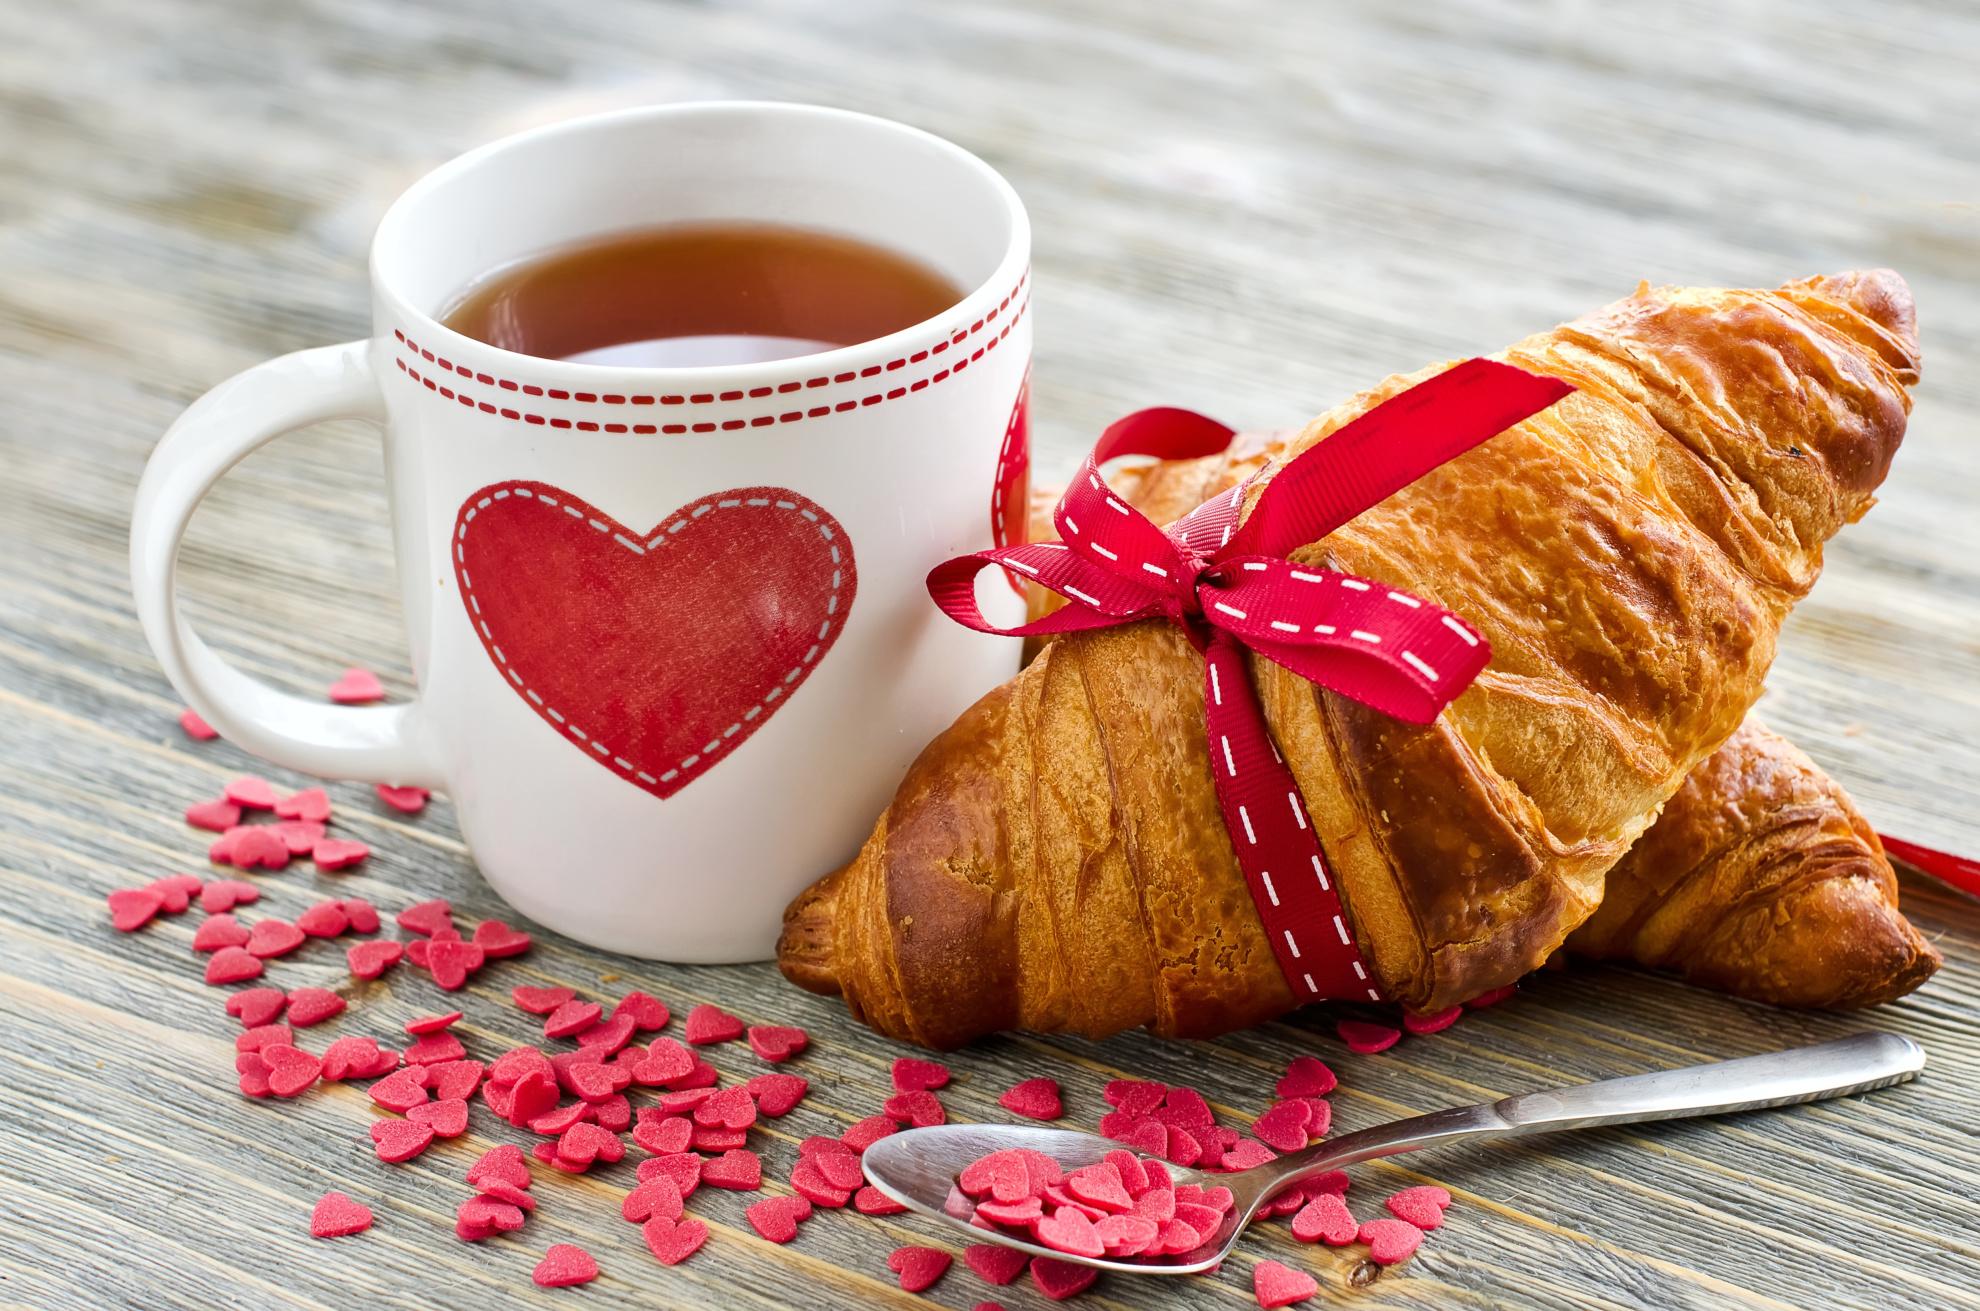 Доброе утро любимый хорошего дня картинки красивые